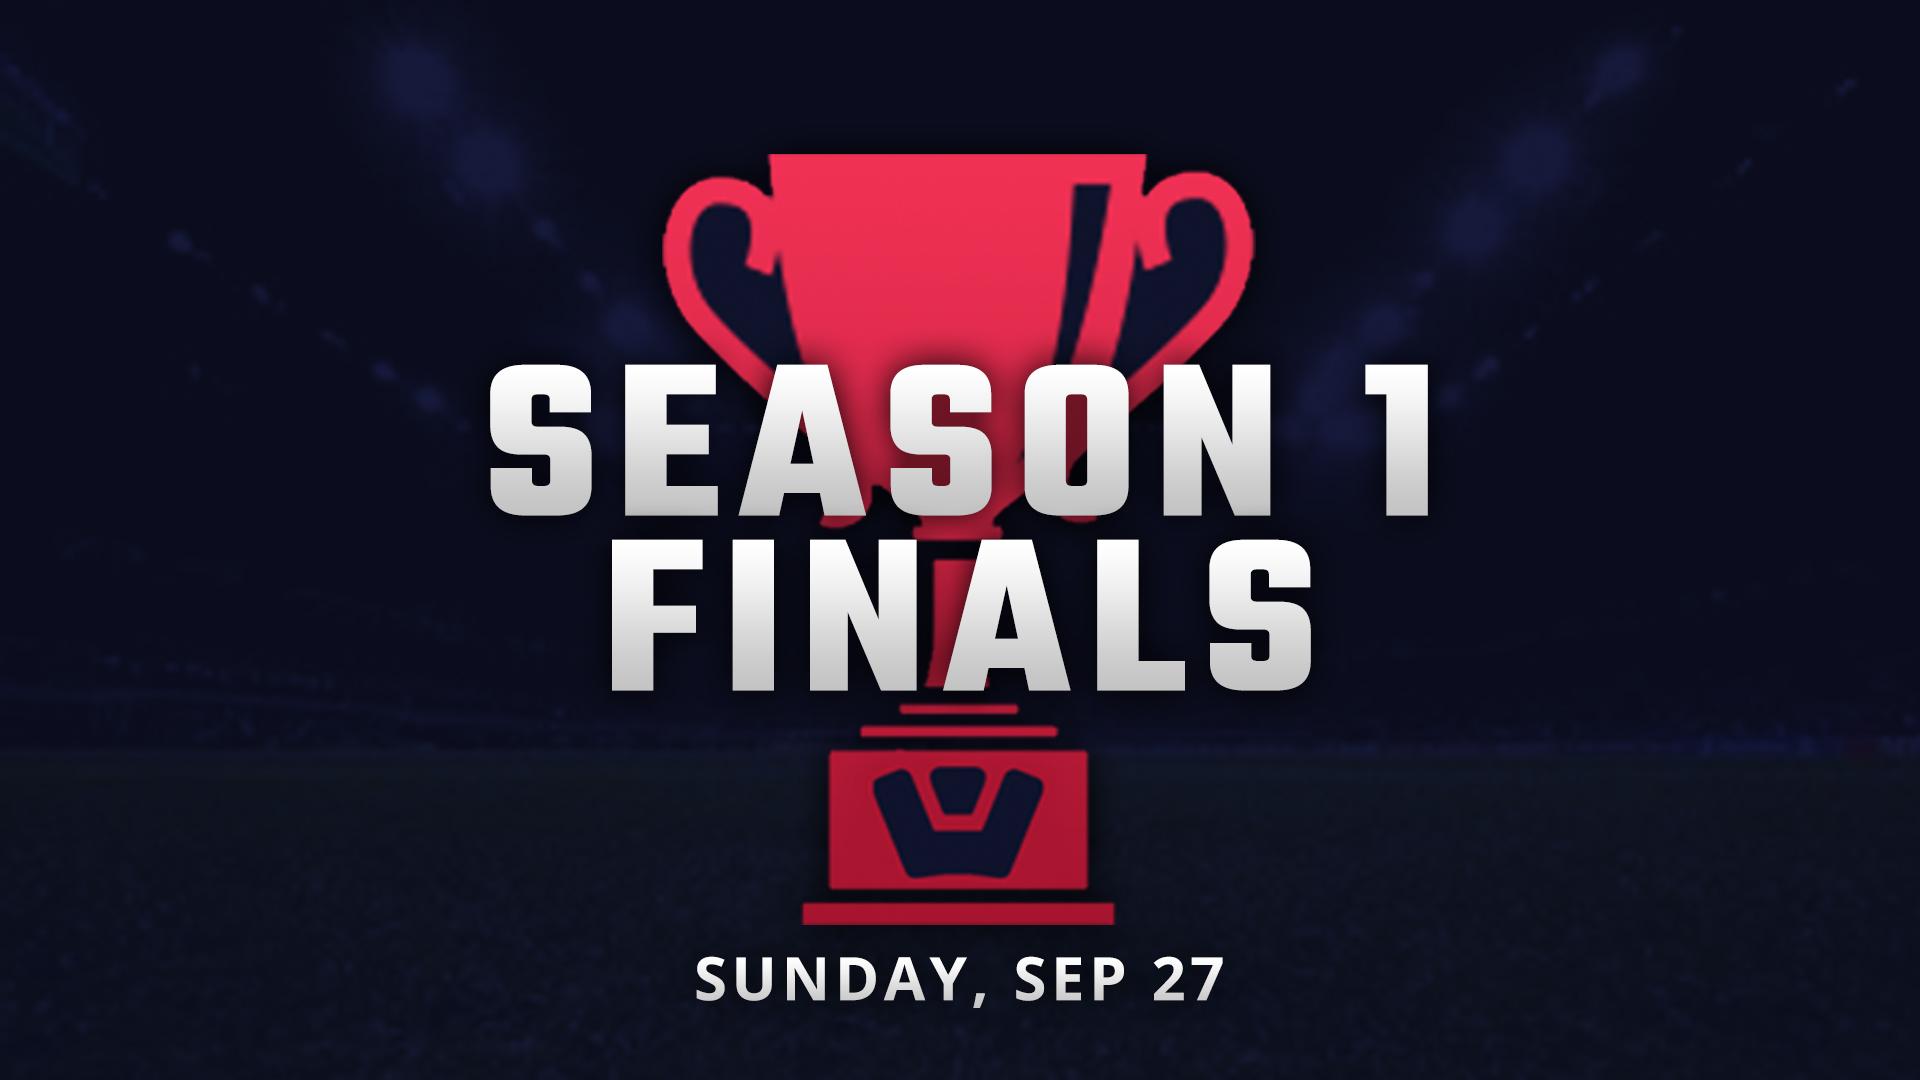 Kingsleague final season 1